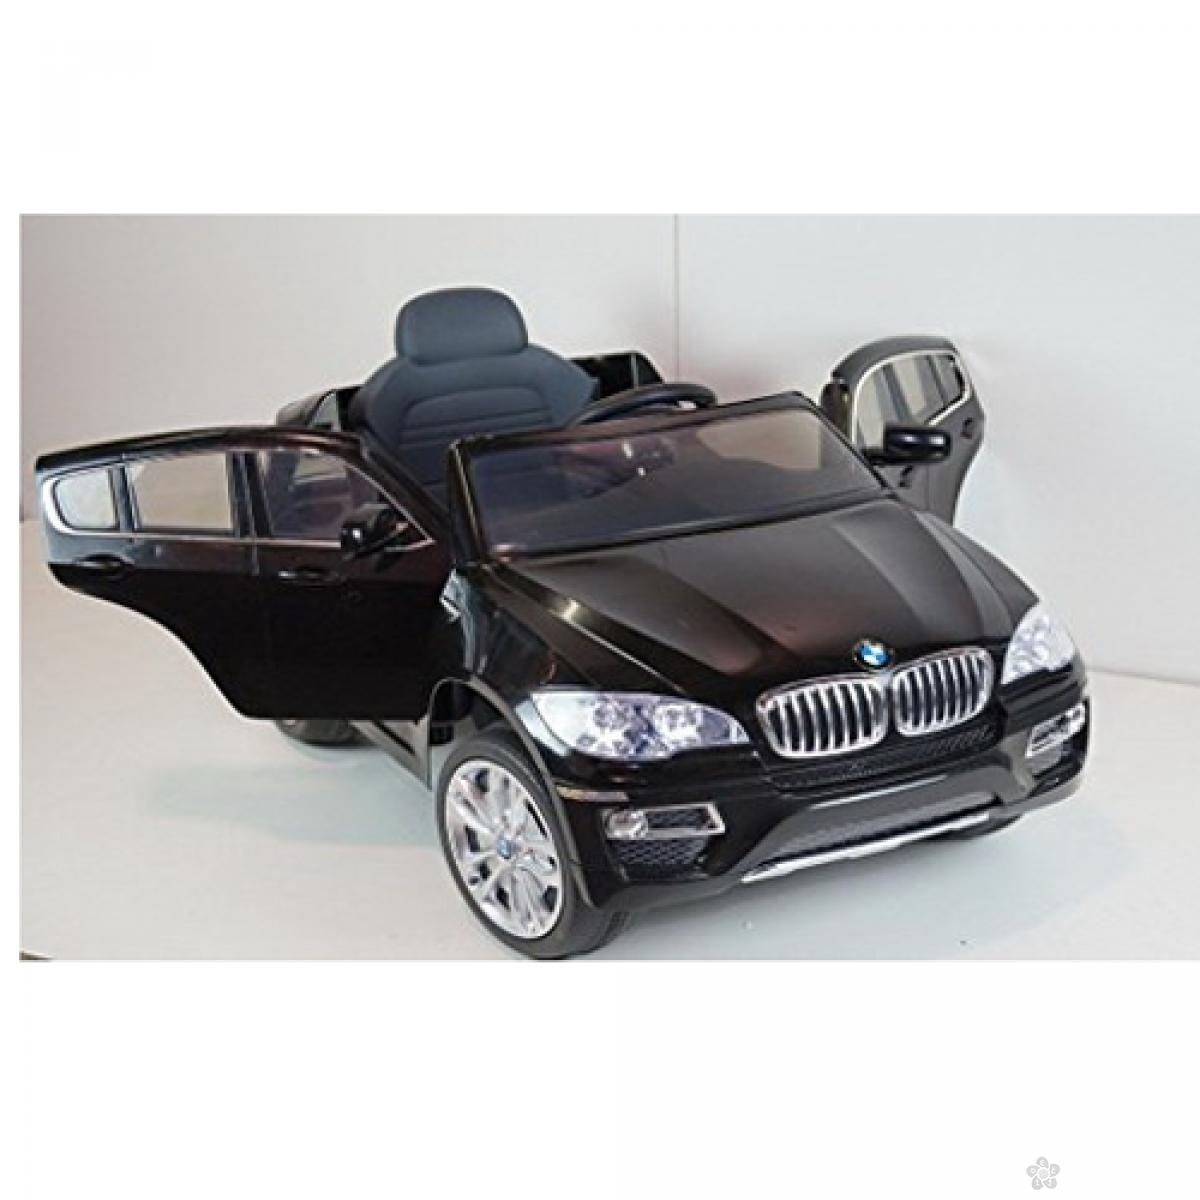 BMW X6, model 229 CRNI kož